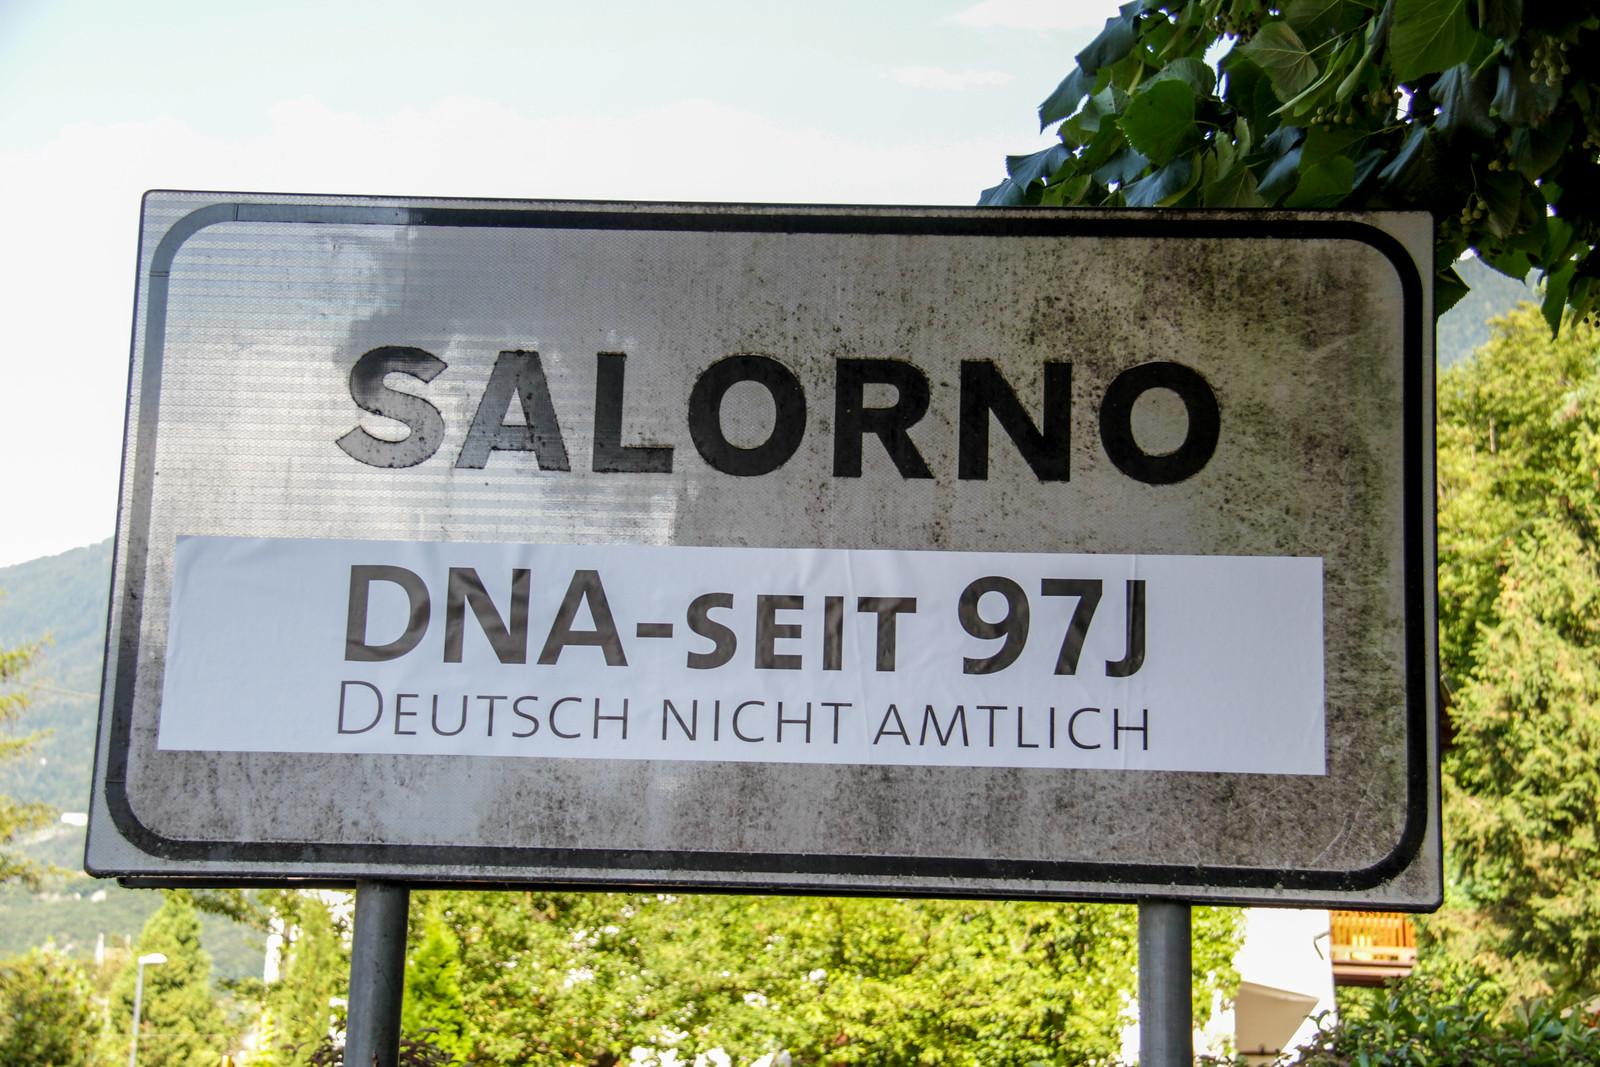 #DNA - DEUTSCH NICHT AMTLICH seit 97 JAHREN, 16.08.2019